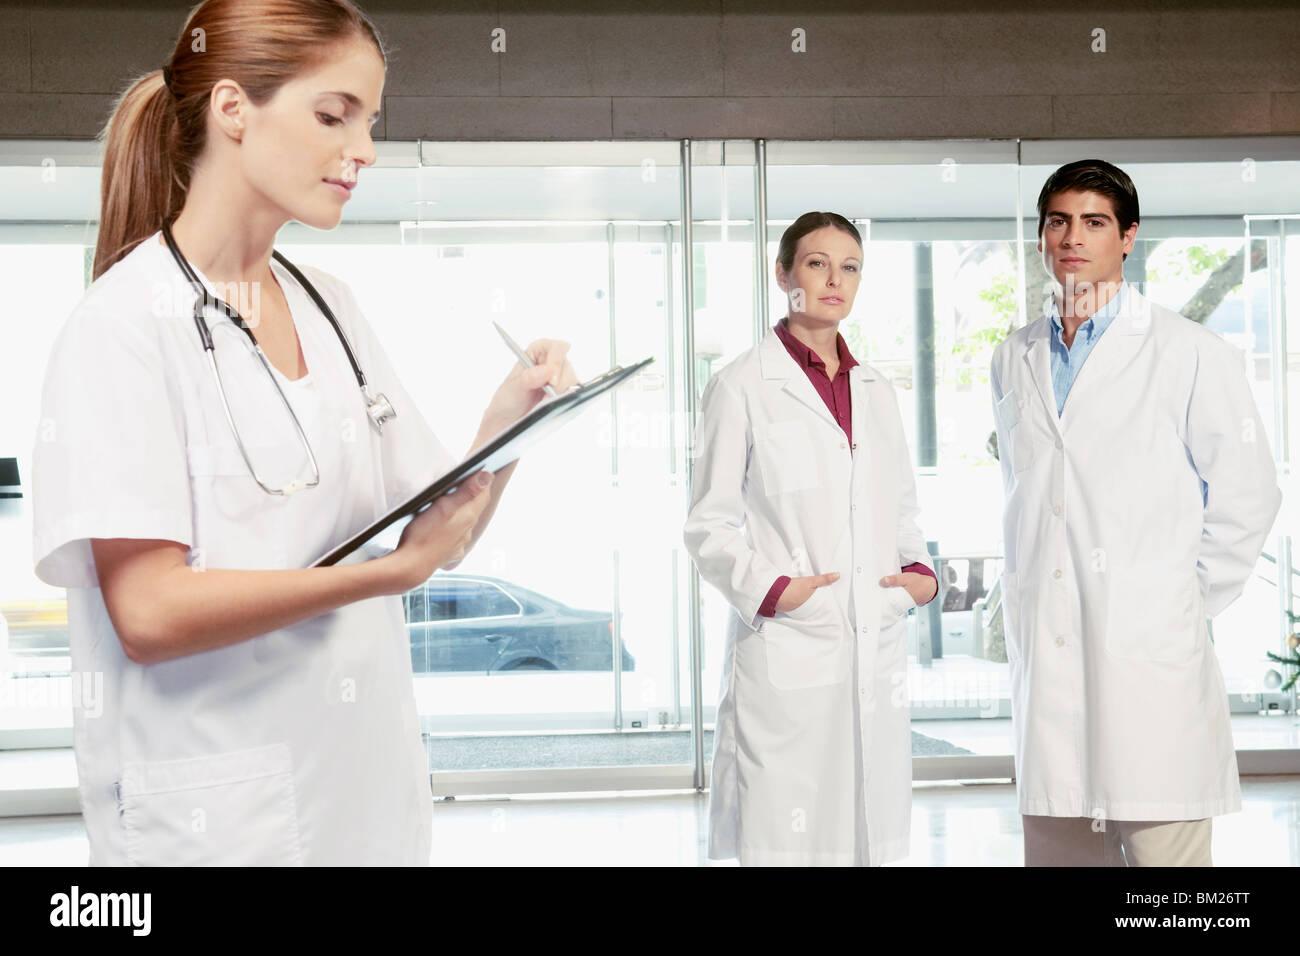 Infirmière écrit sur un presse-papiers avec ses collègues debout dans l'arrière-plan Photo Stock